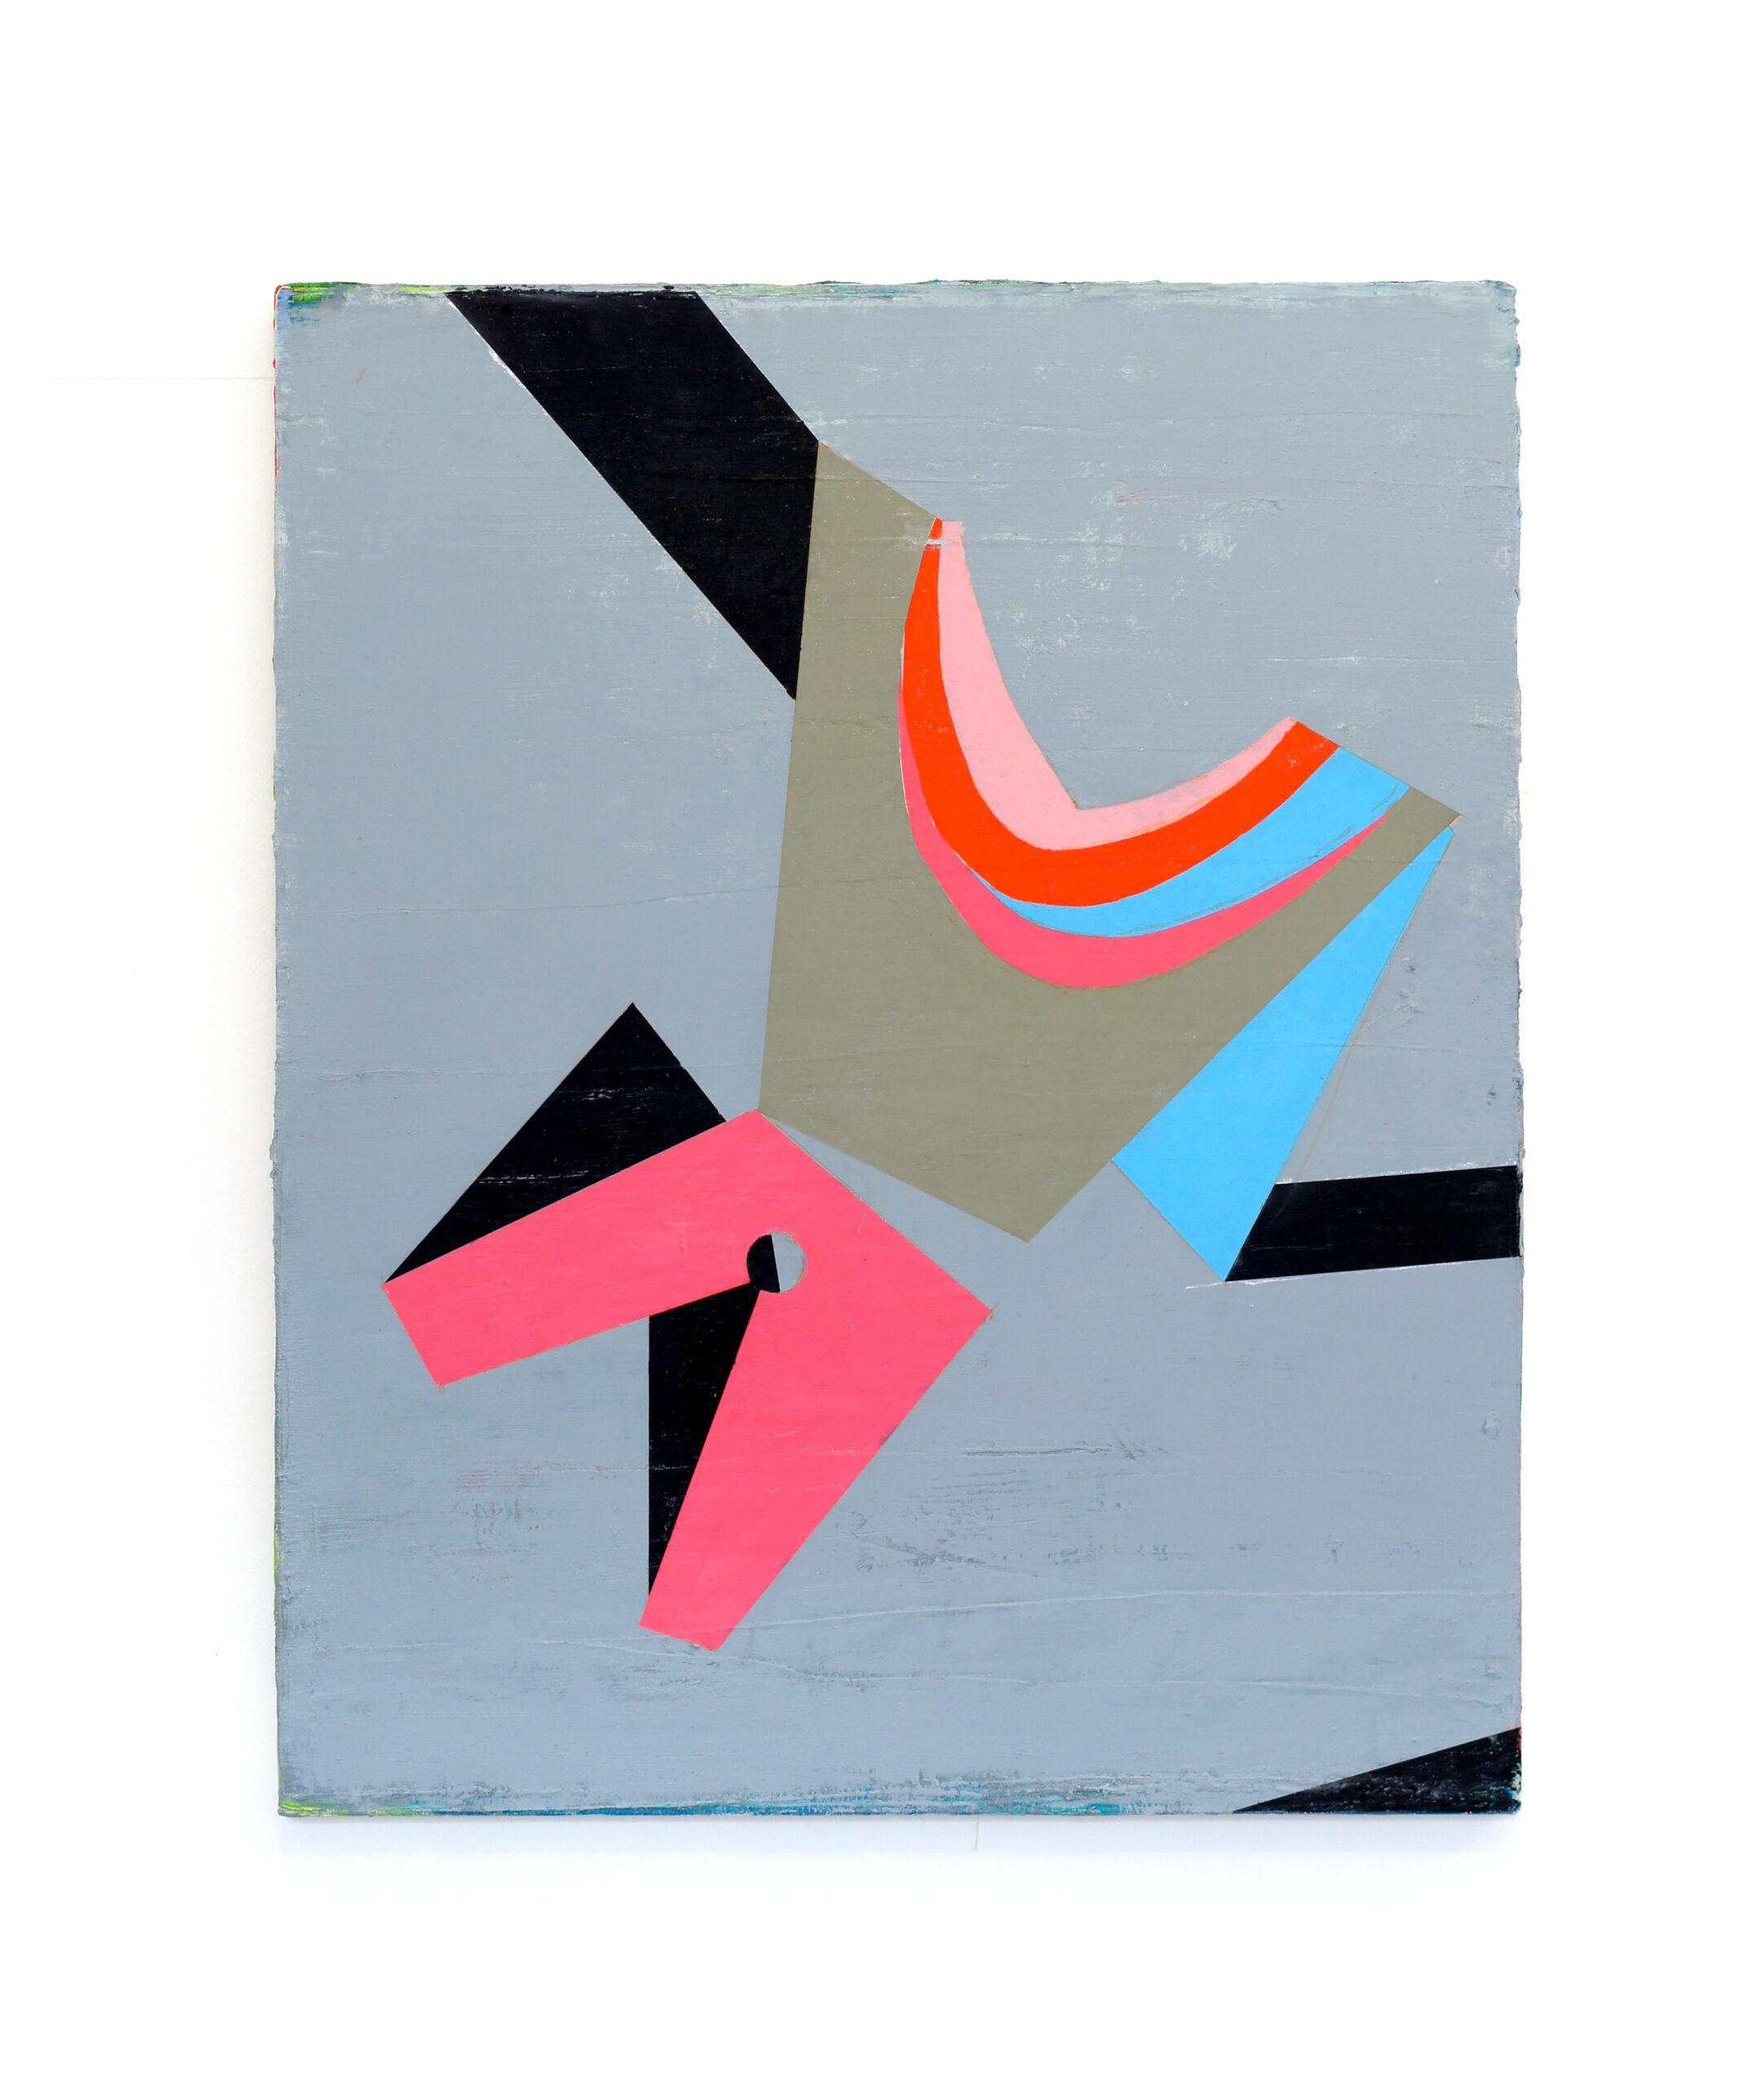 Rian Coughlan: Falling Figure (2019)